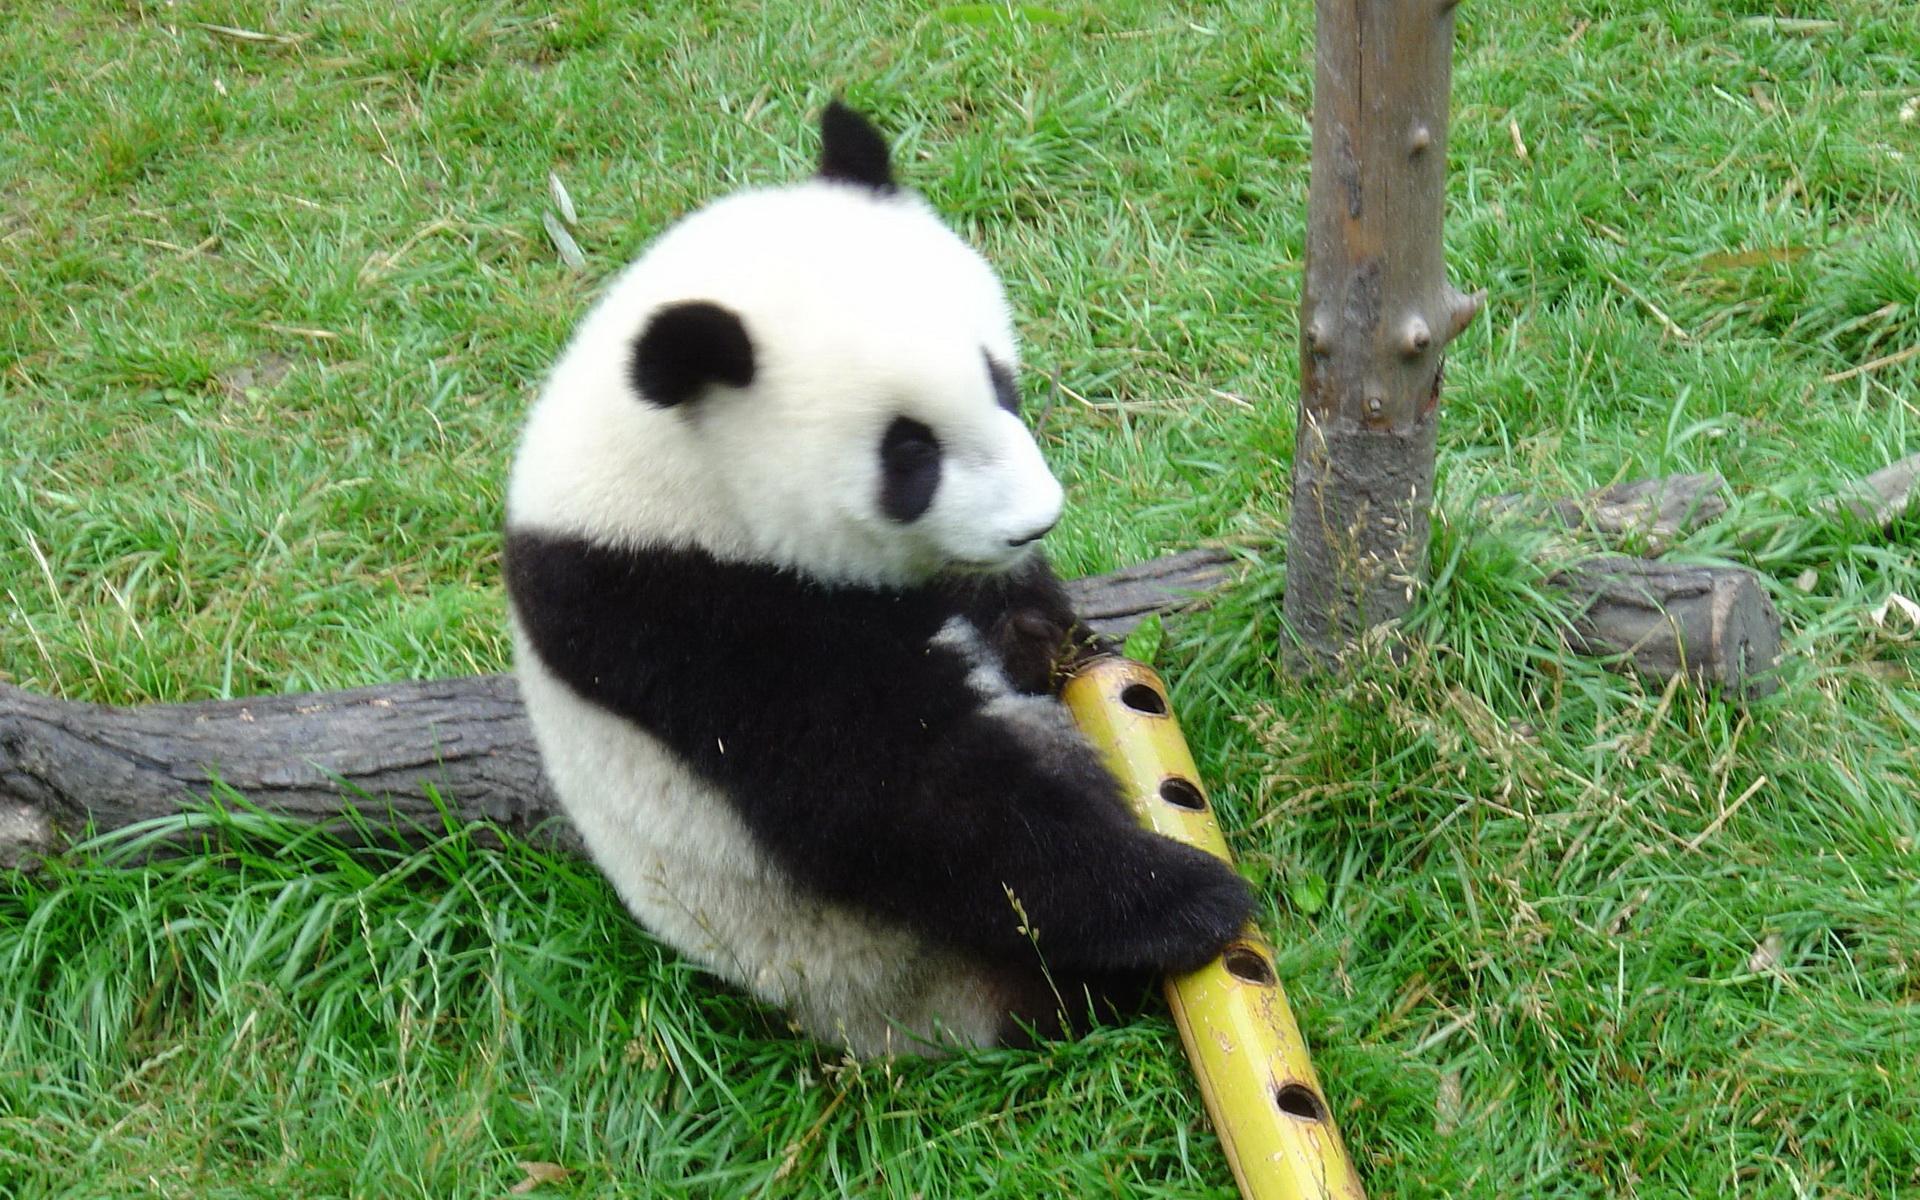 动物世界-大熊猫(1920x1200)壁纸